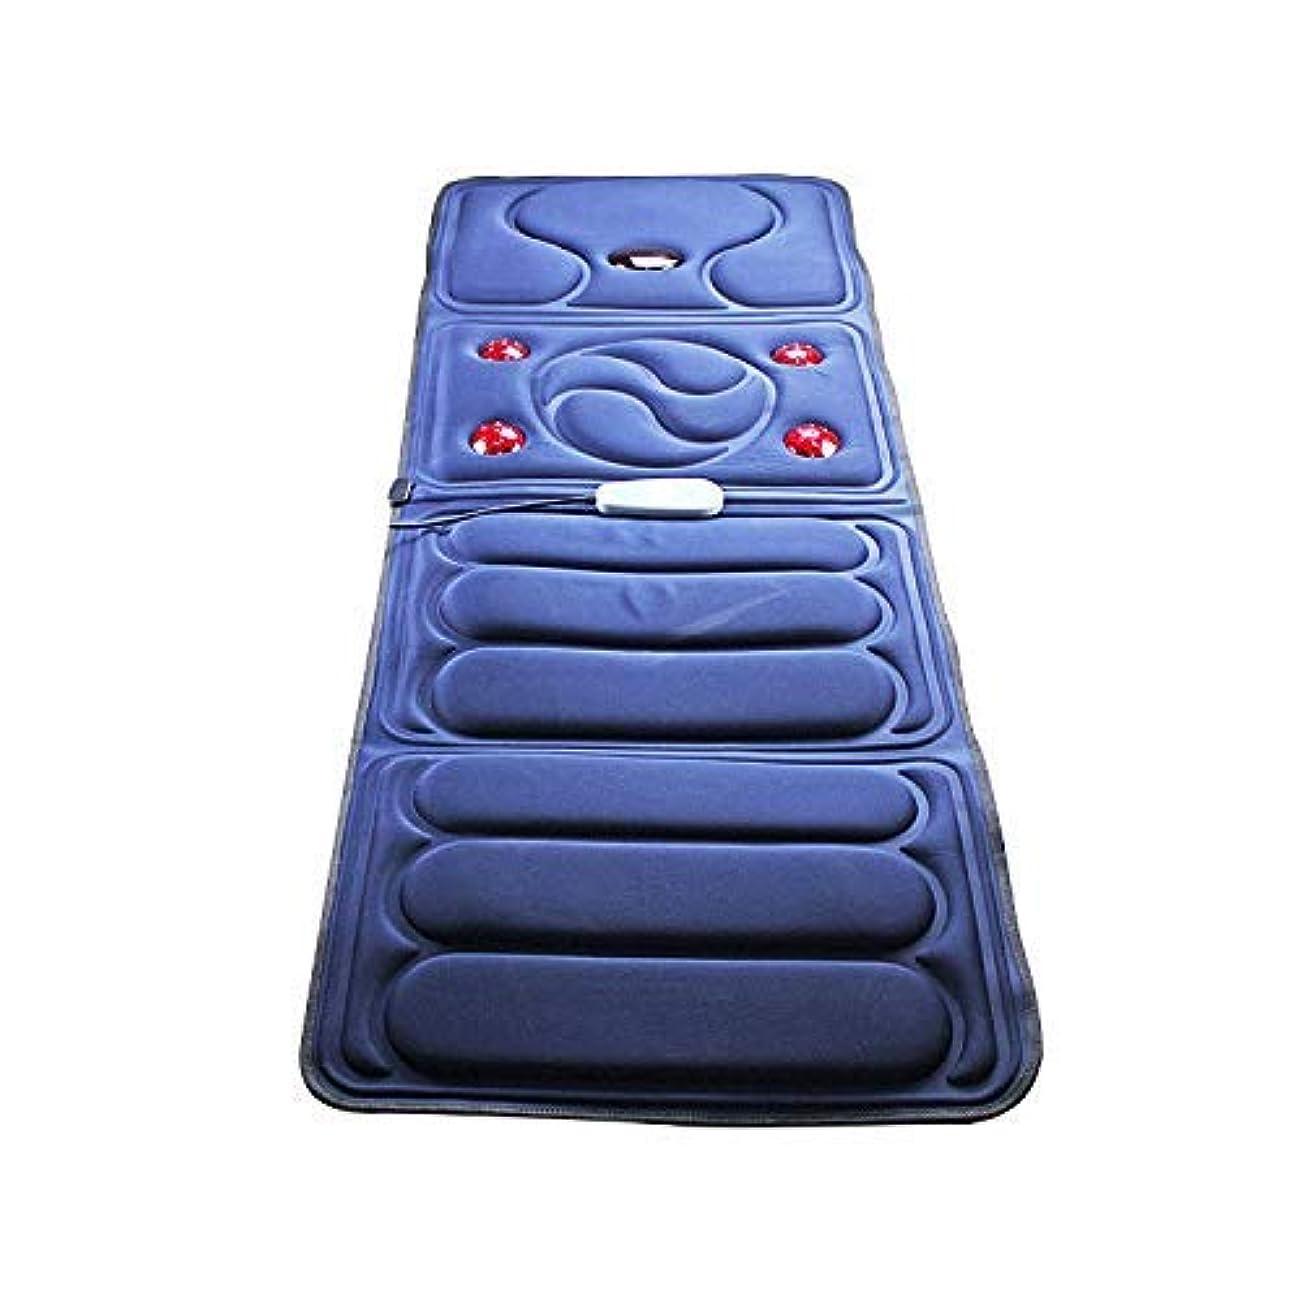 折り畳み式全身マッサージブランケット中高年のヘルスケアマッサージクッション多機能加熱ショックマッサージクッション家庭用マッサージ機器,ブルー